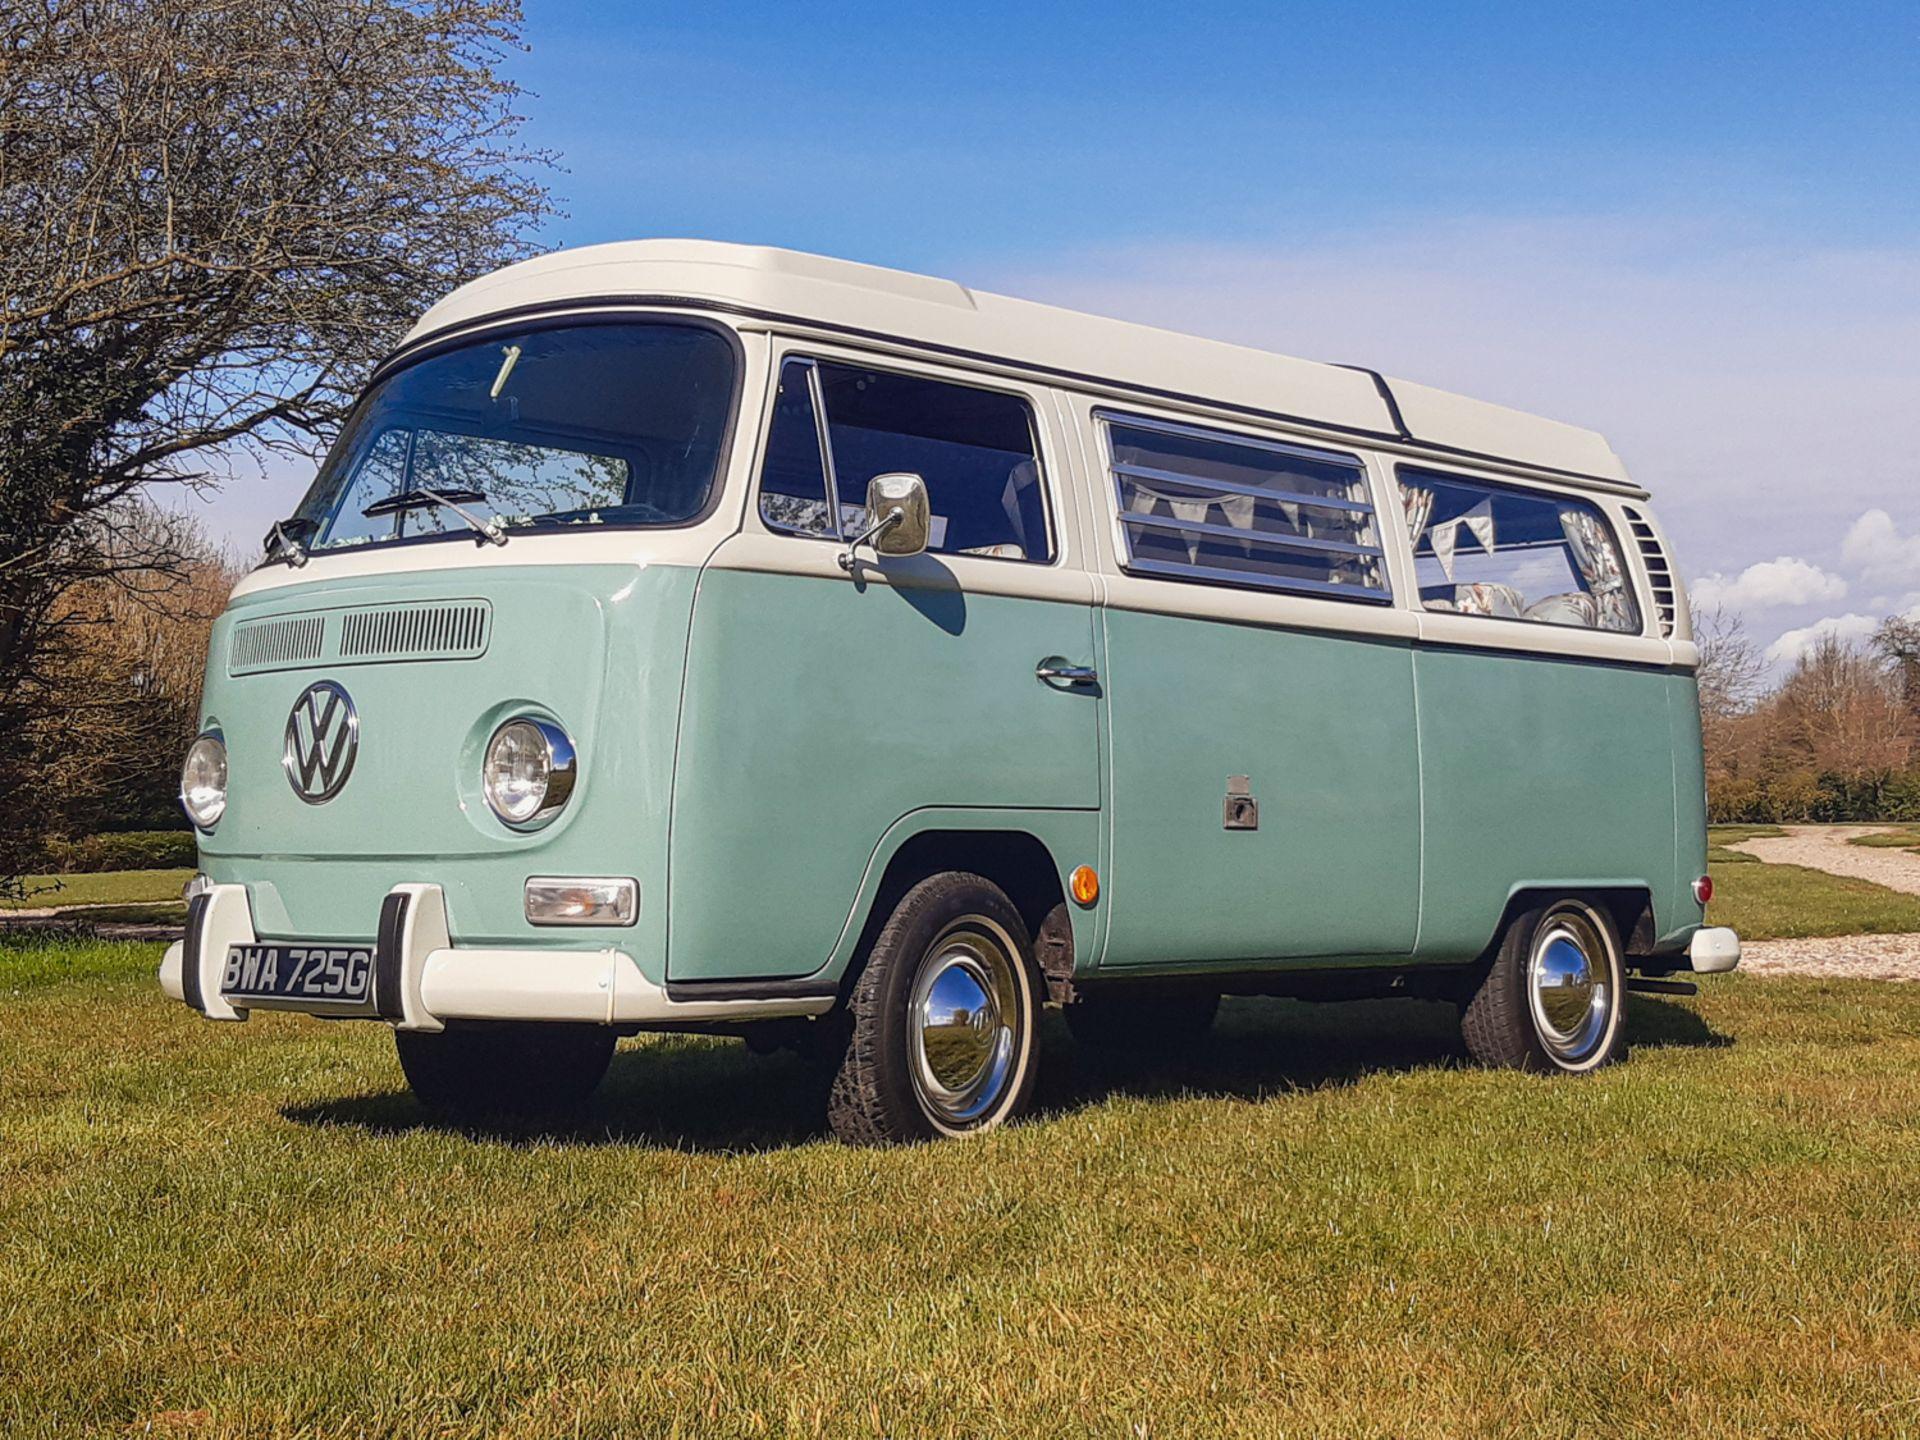 Lot 178 - 1969 Volkswagen Type 2 Westfalia 'Bay Window' Camper Van